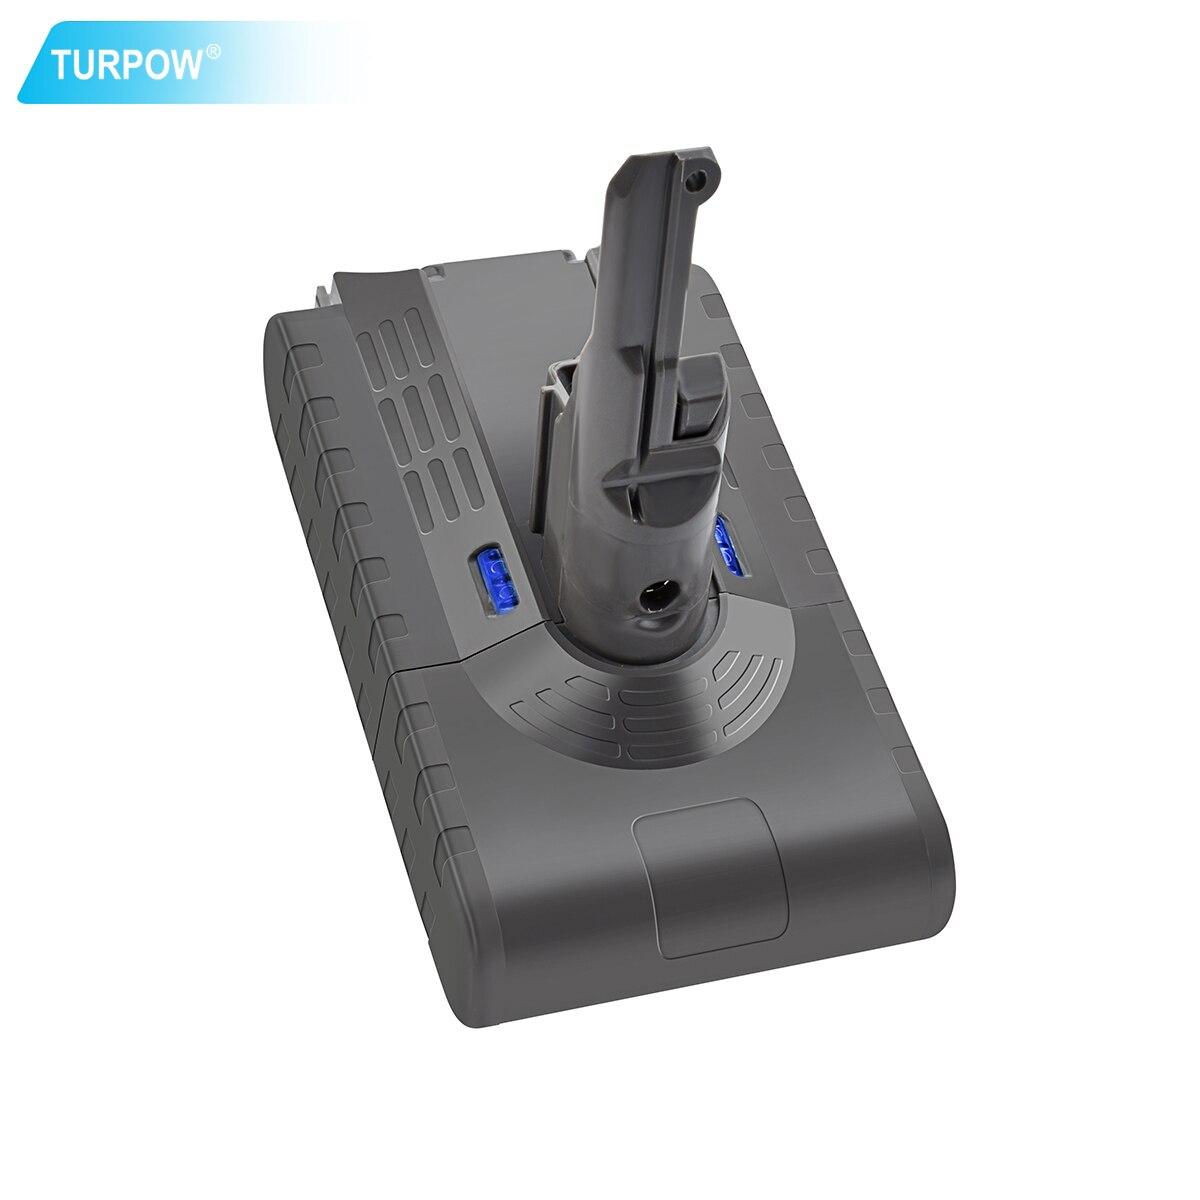 Turpow 4000mAh V8 Battery 21.6V For Dyson V8 Battery Absolute V8 Animal Li-ion Vacuum Cleaner Rechargeable BATTERY